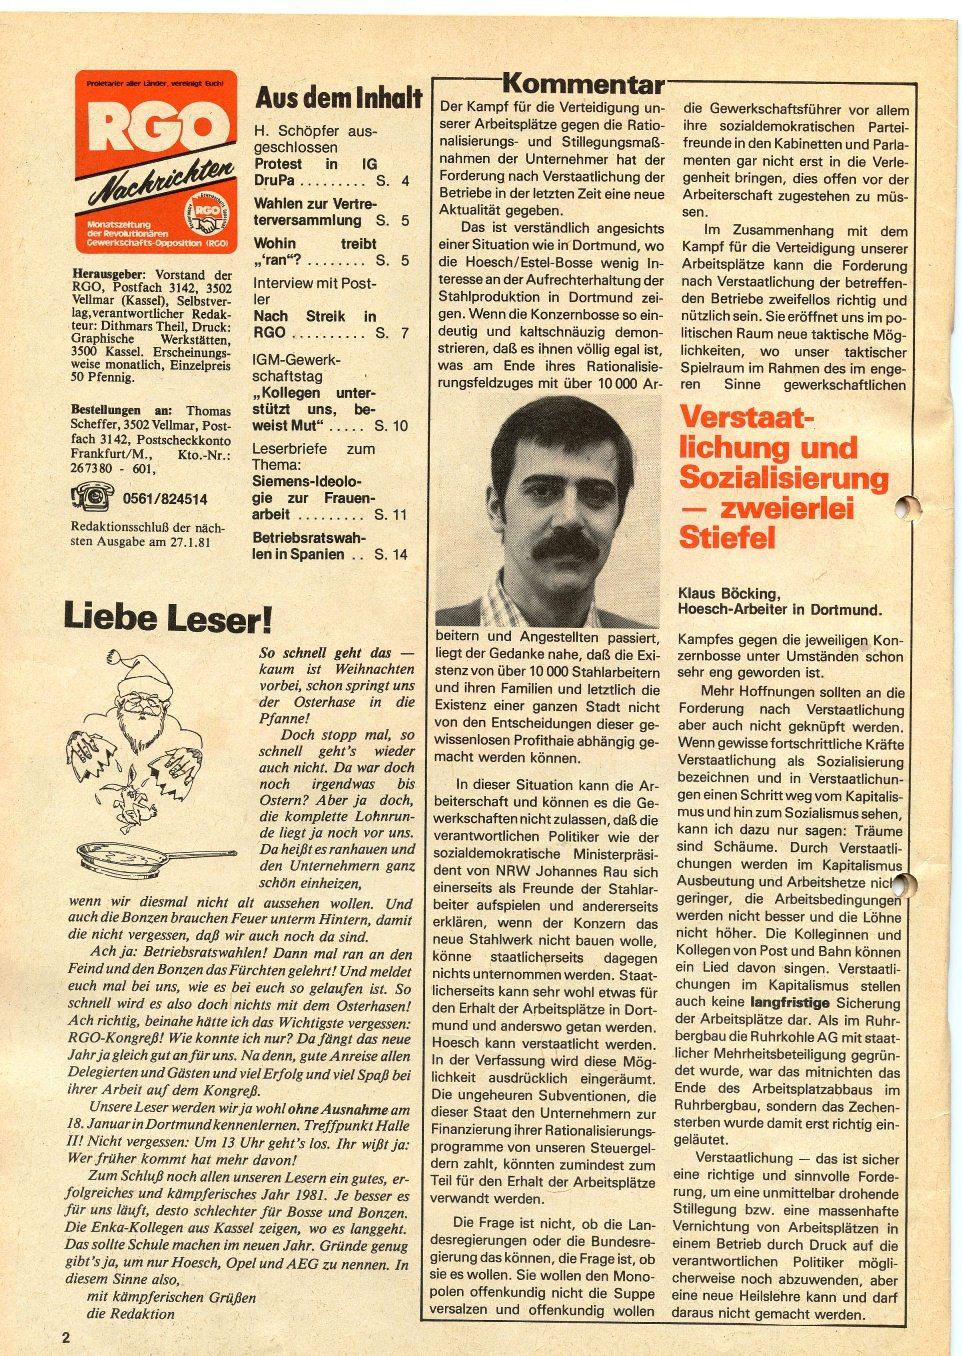 RGO_RGO_Nachrichten_1981_01_02